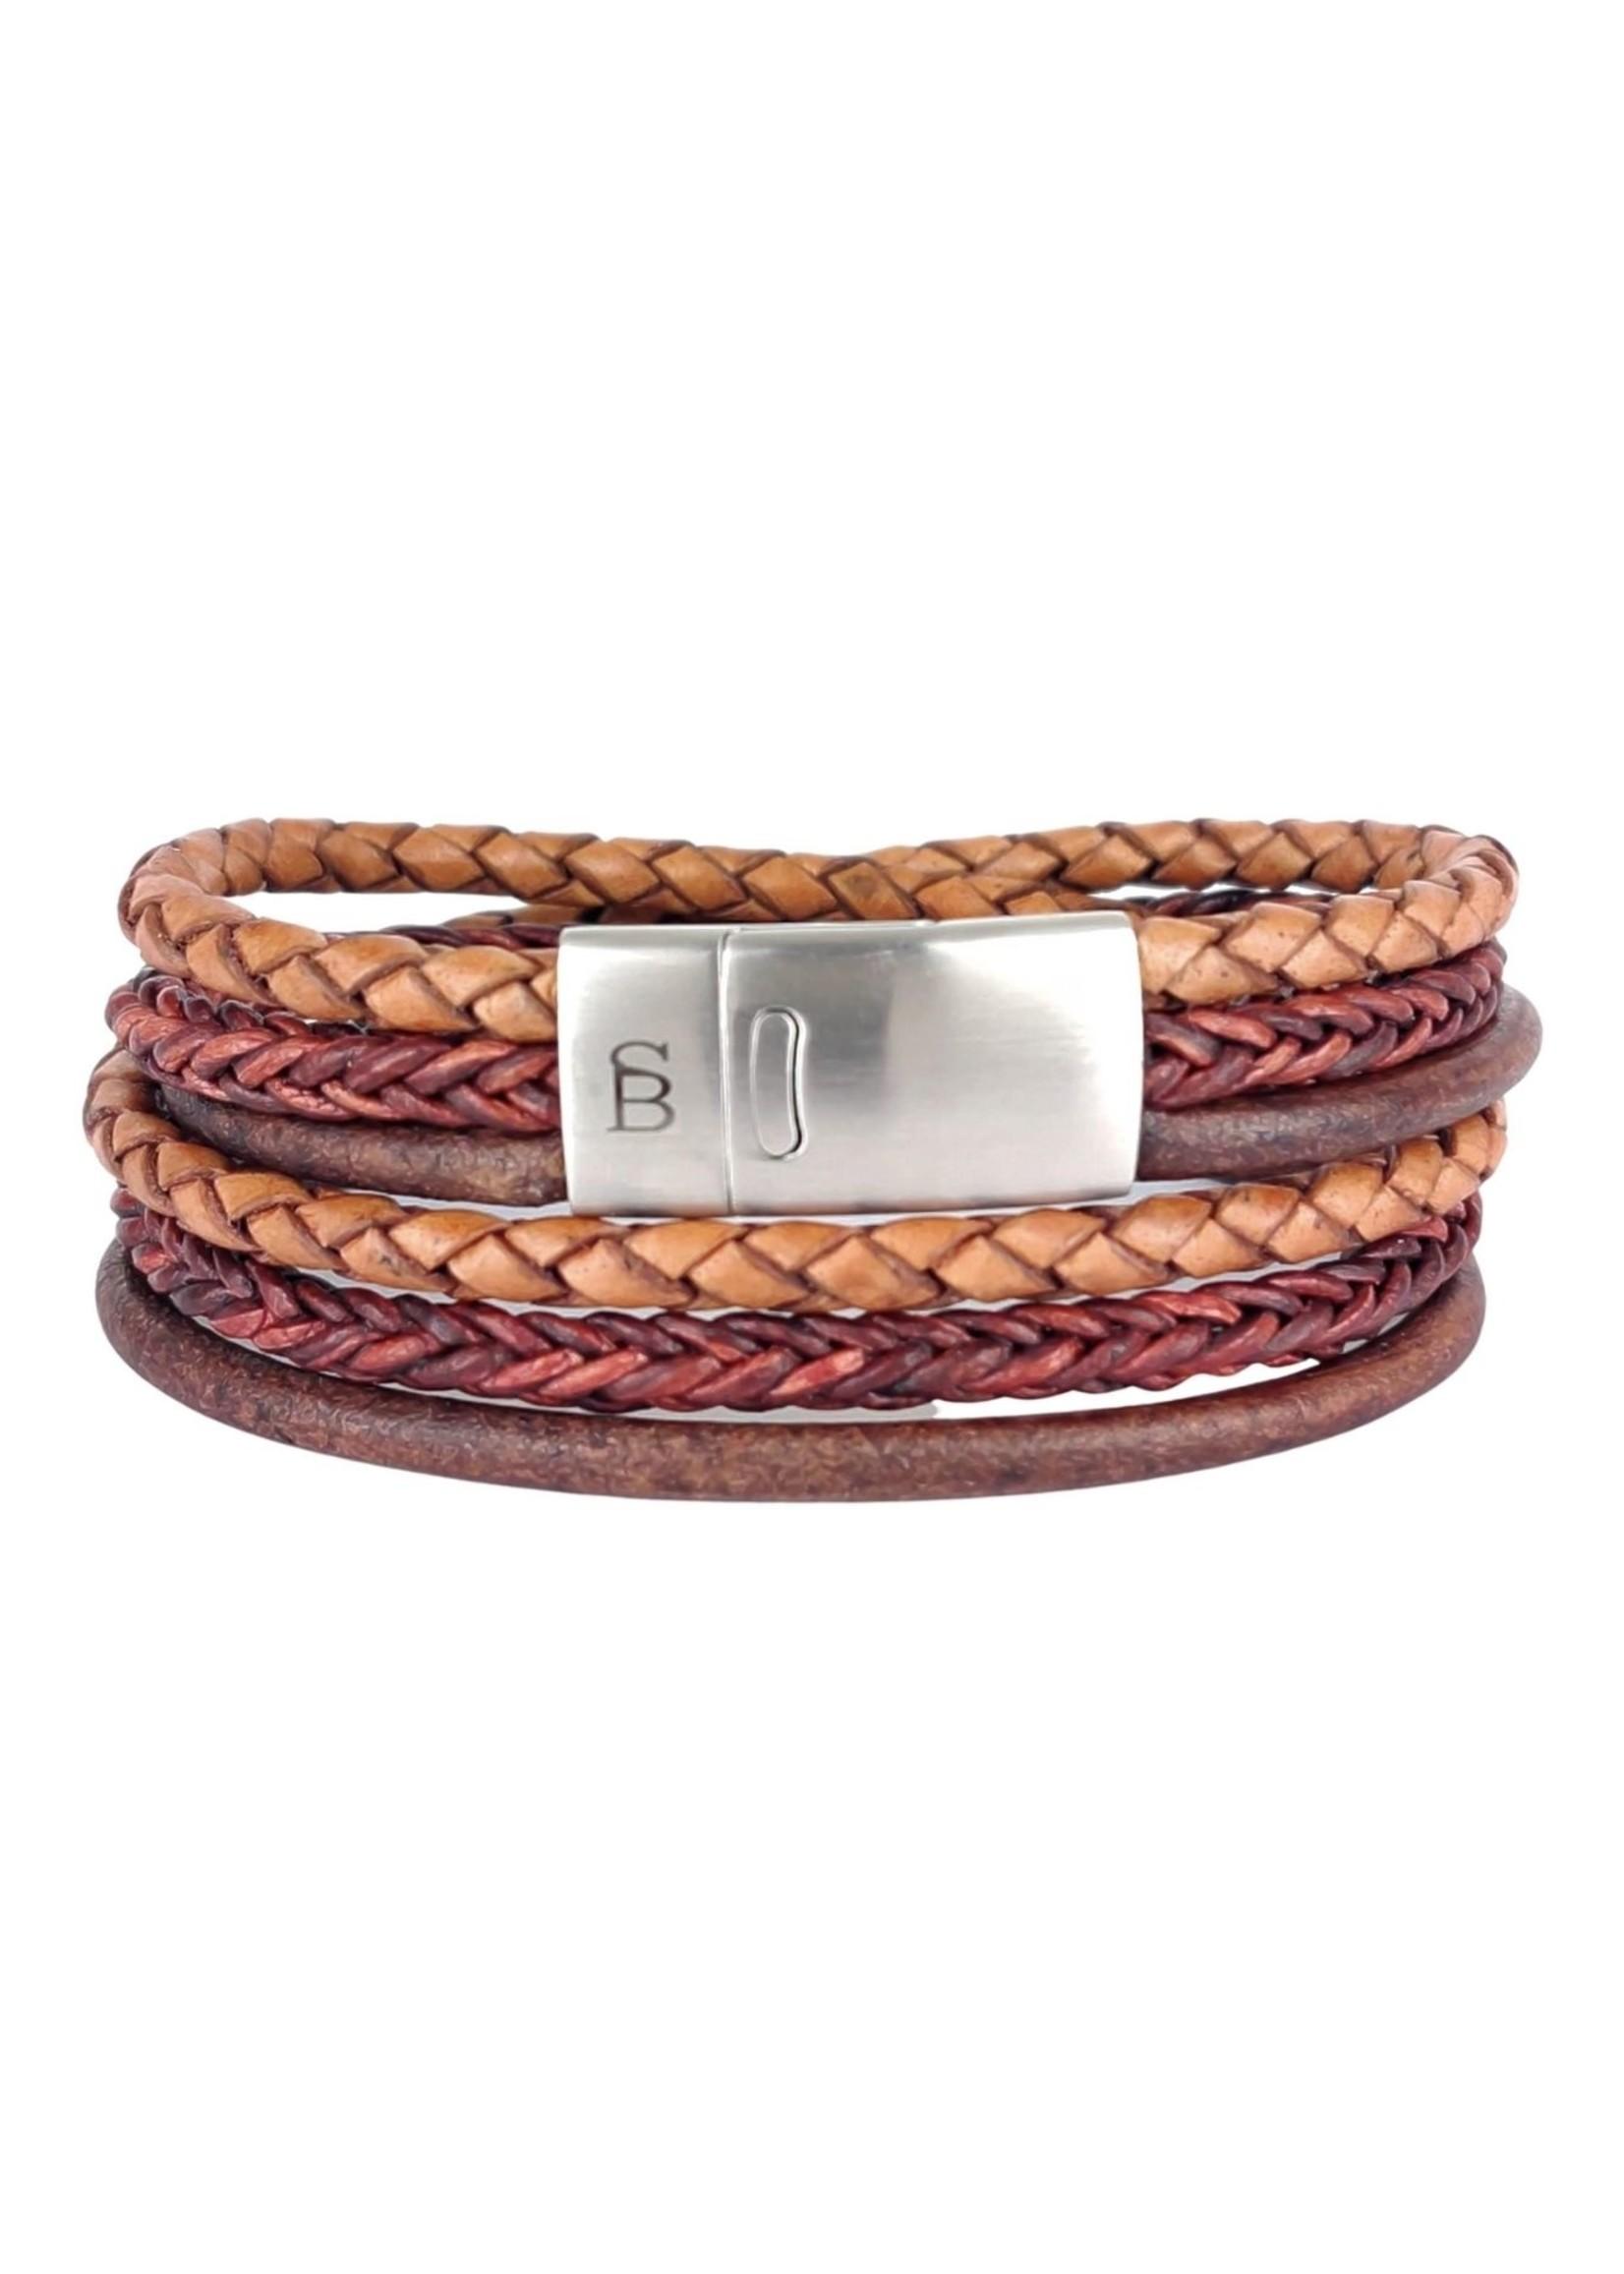 Steel & Barnett Leather Bracelet Bonacci | Caramel | Steel&Barnett